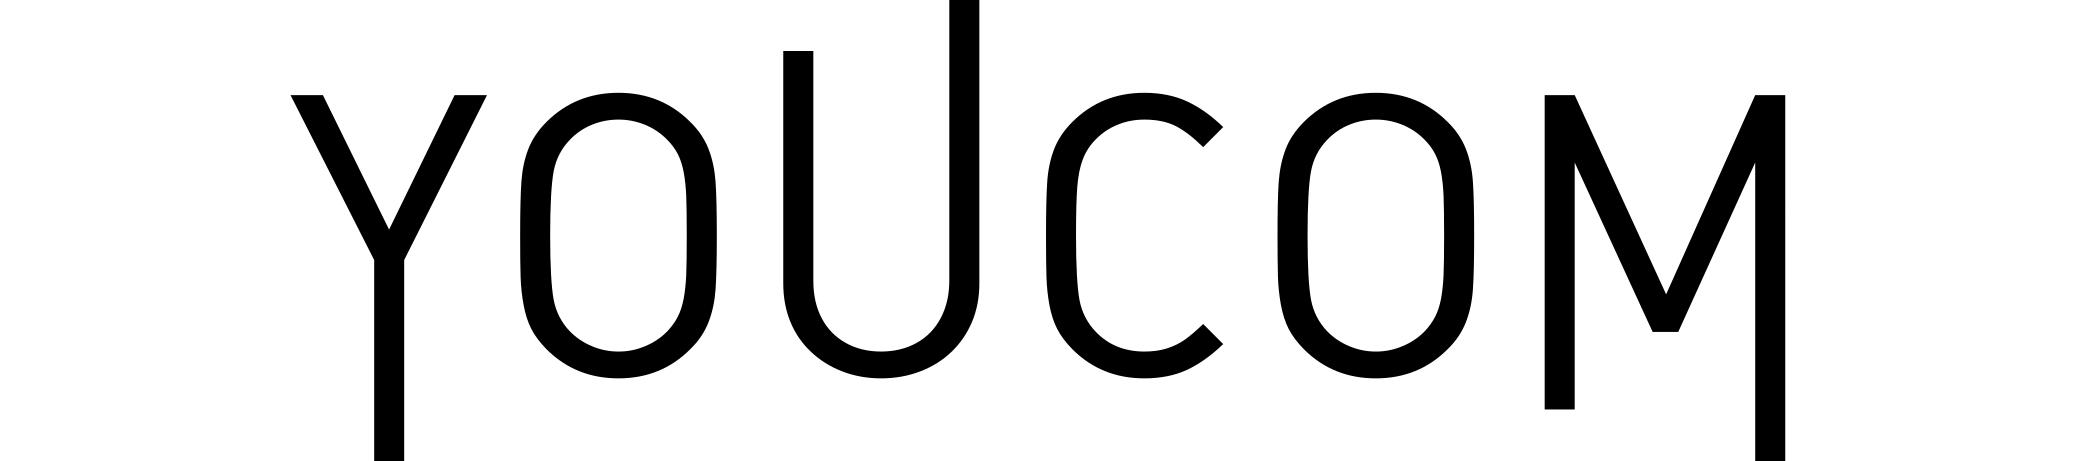 youcom logo 12 - Youcom Logo